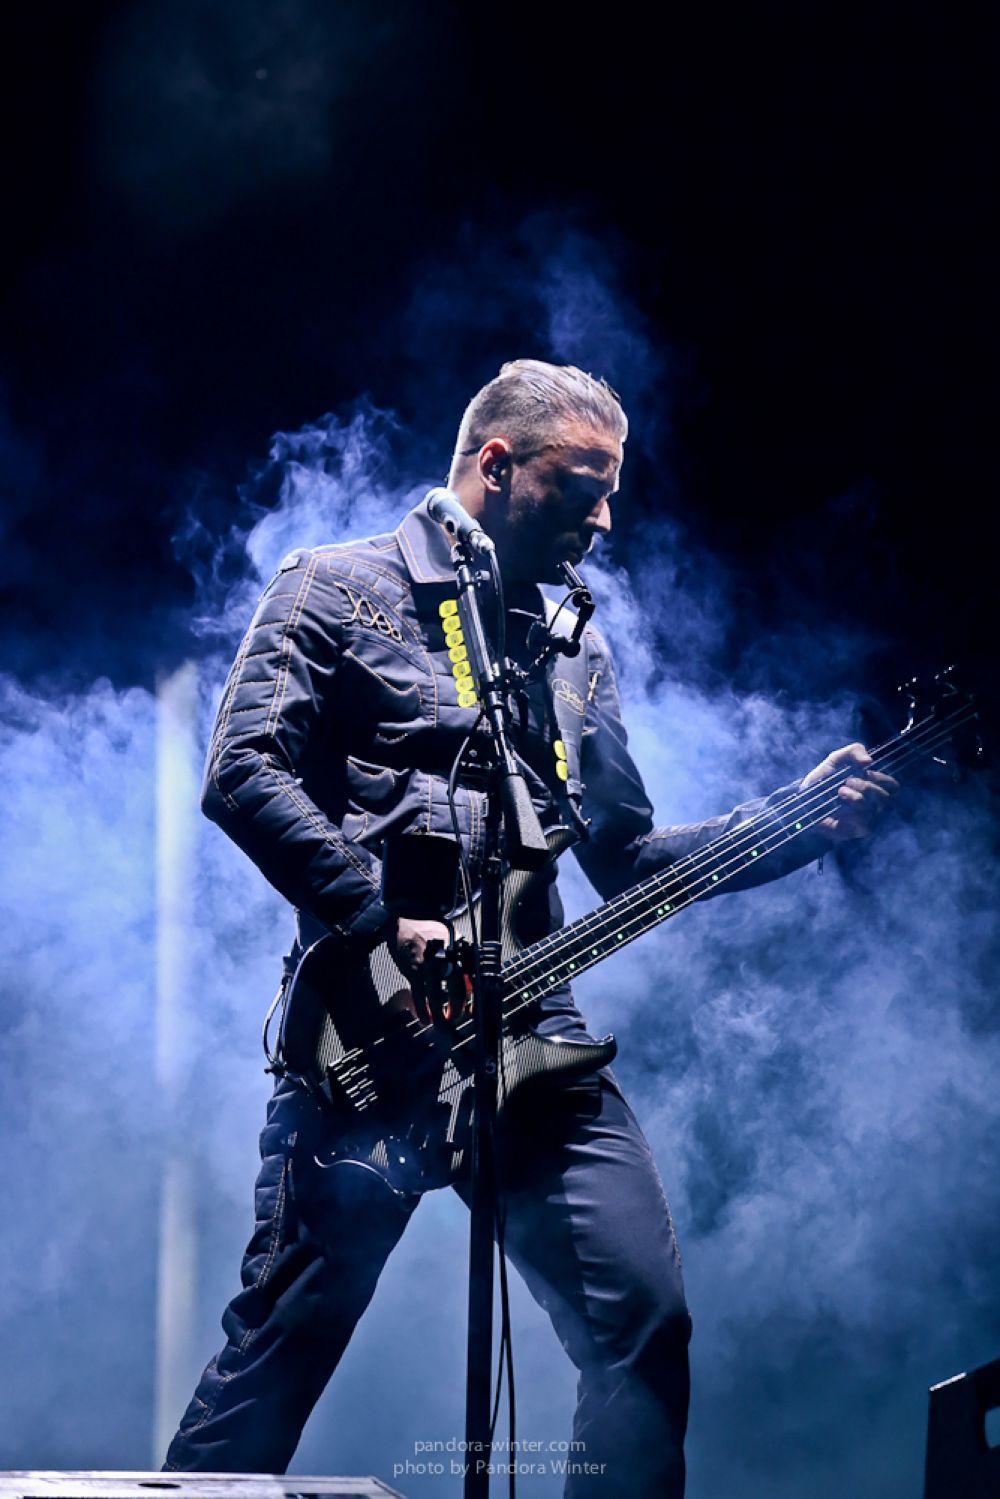 Гитарист Muse Крис Уолстенхолм